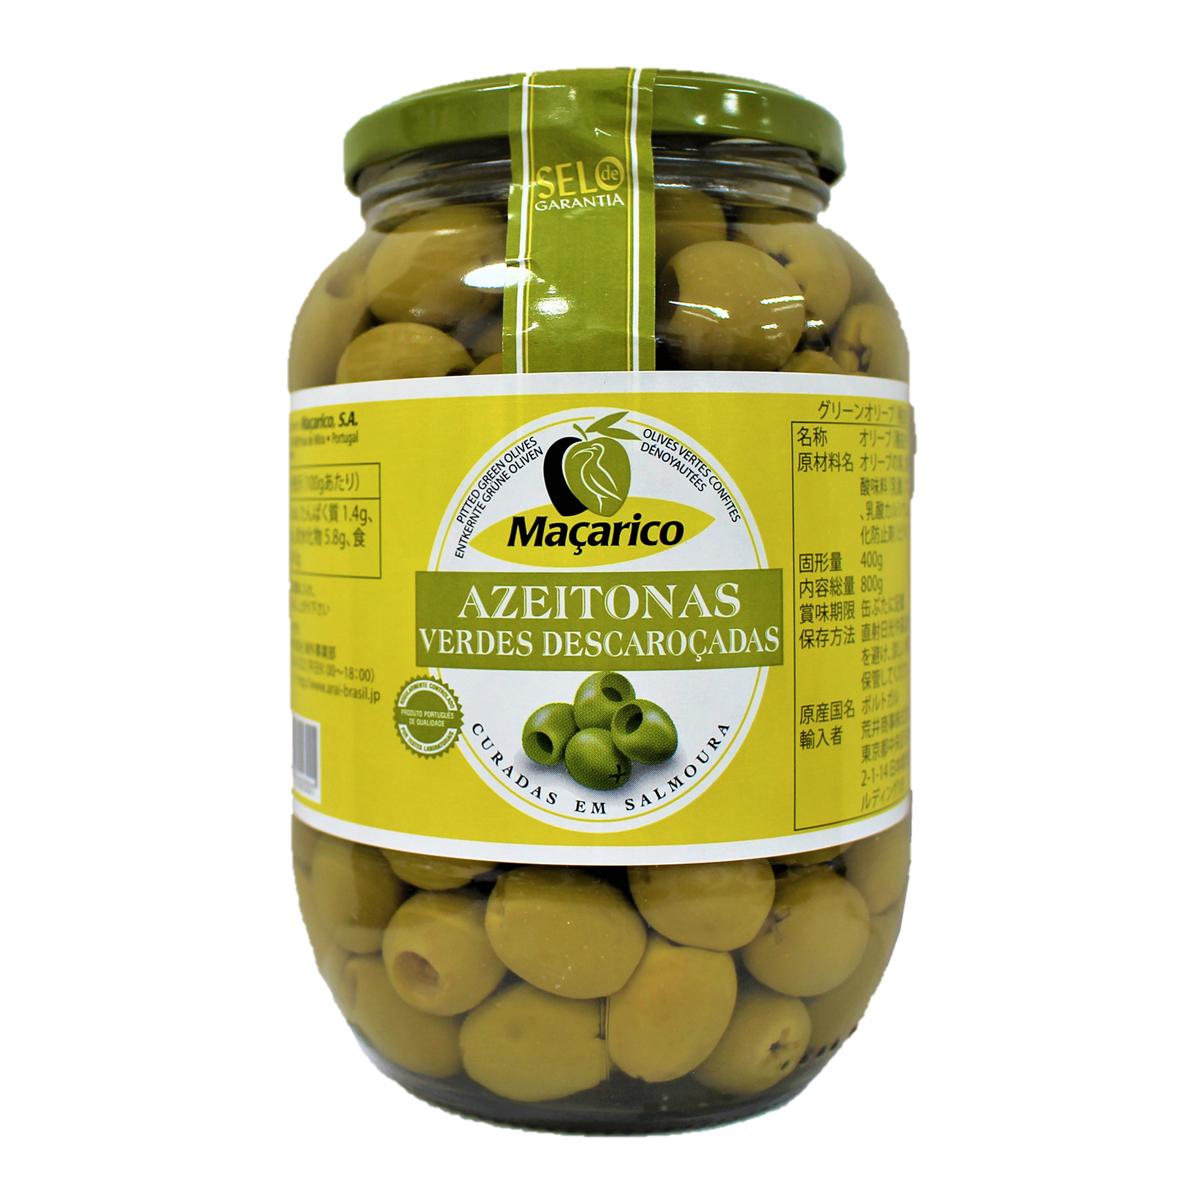 おつまみやお料理に グリーンオリーブ 種なし 800g 感謝価格 マサリコAZEITONAS DESCAROCADAS Macarico 超安い VERDES ポルトガル産